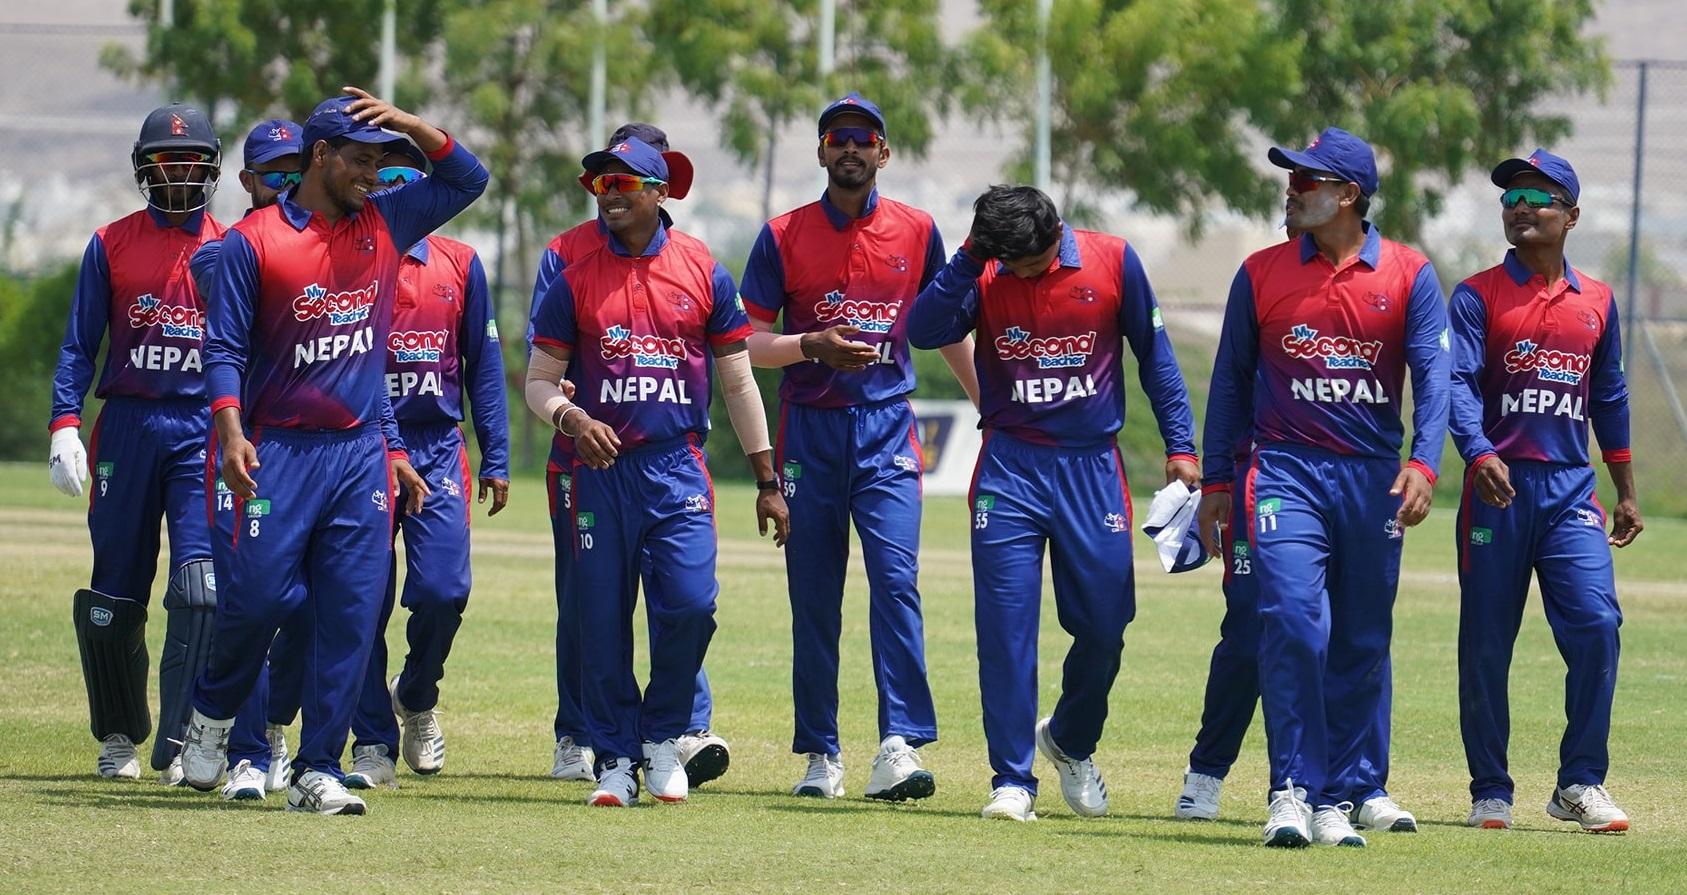 अमेरिकाविरुद्धको खेलमा नेपाल ५ विकेटले विजयी